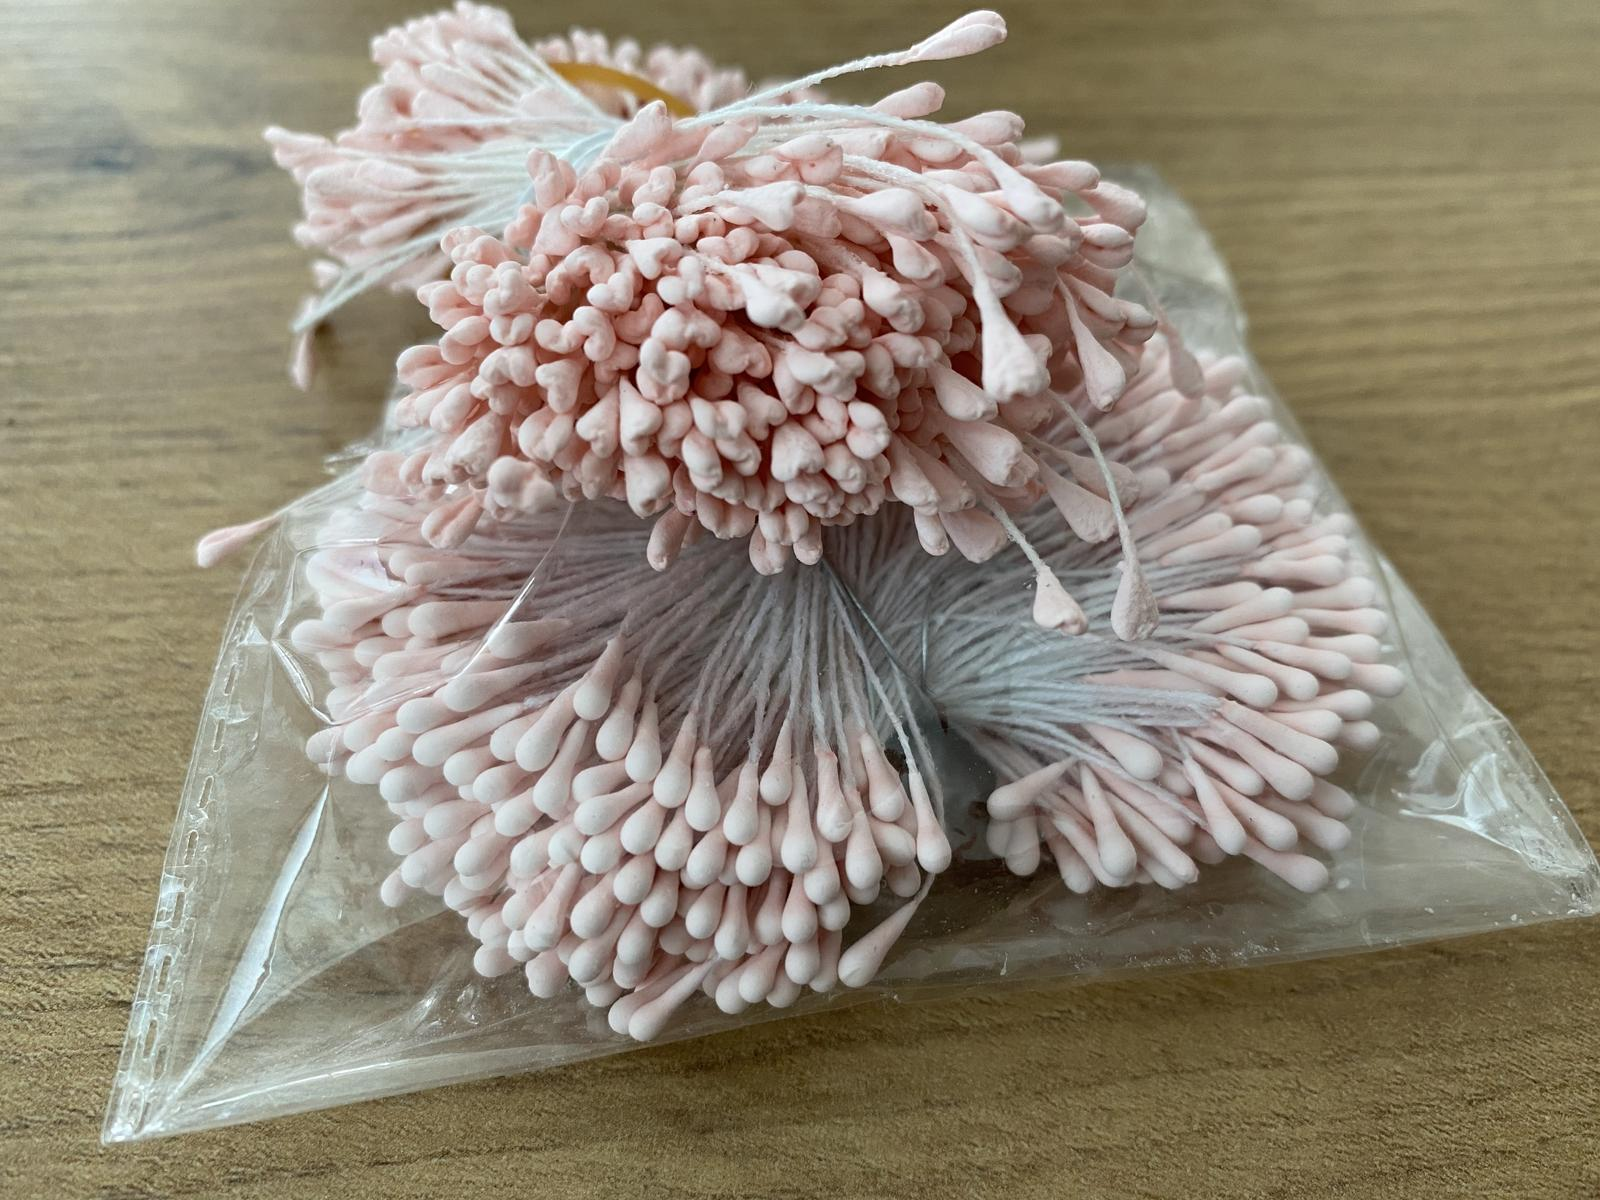 Doplnky na tvorenie kvetinových dekorácií - Obrázok č. 1